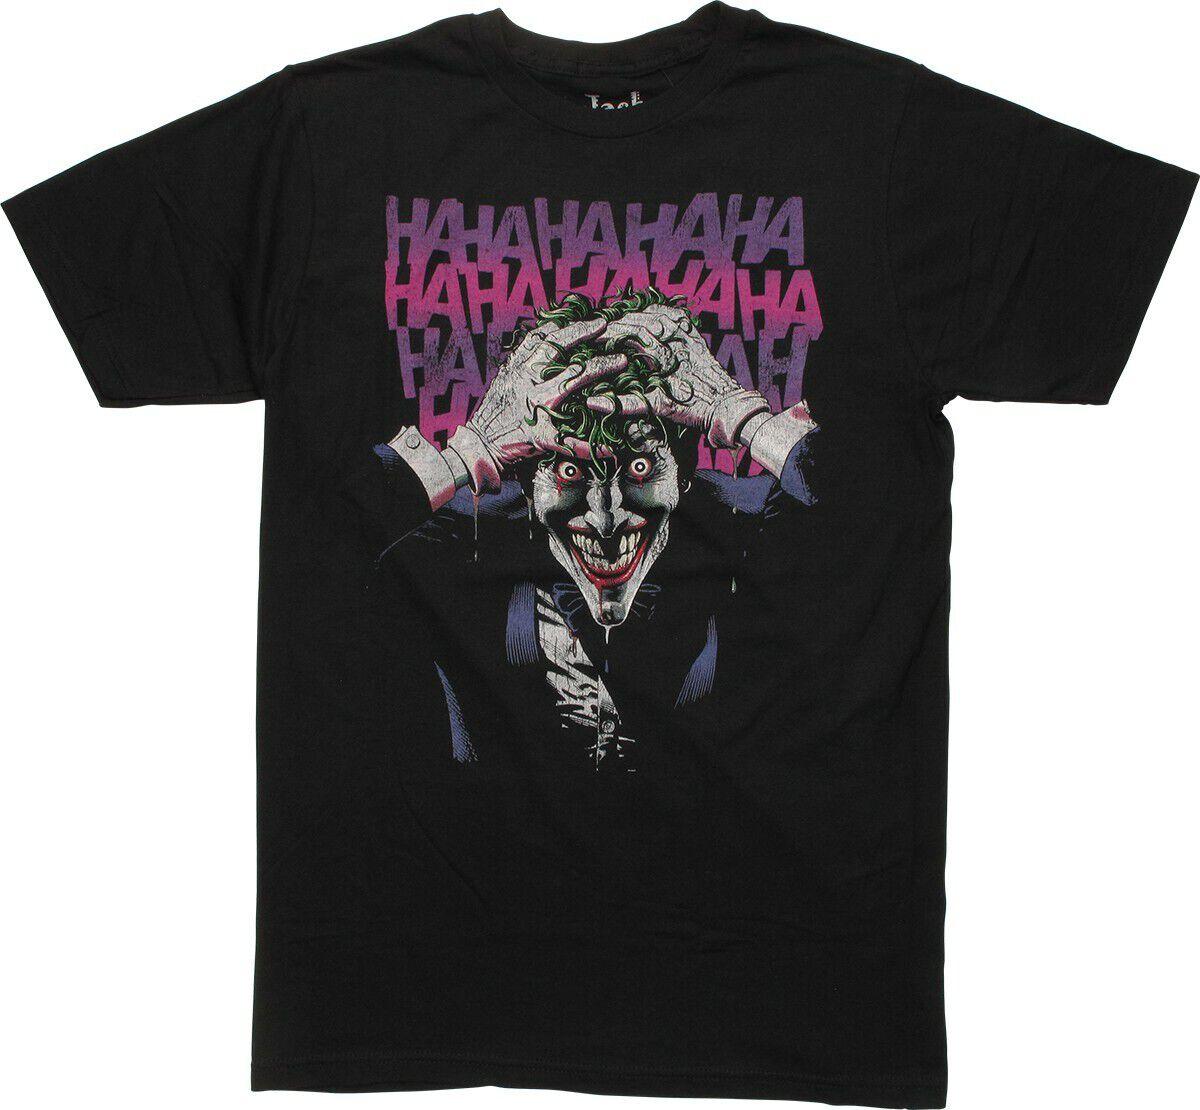 Joker Killing Joke T-Shirt Sheer